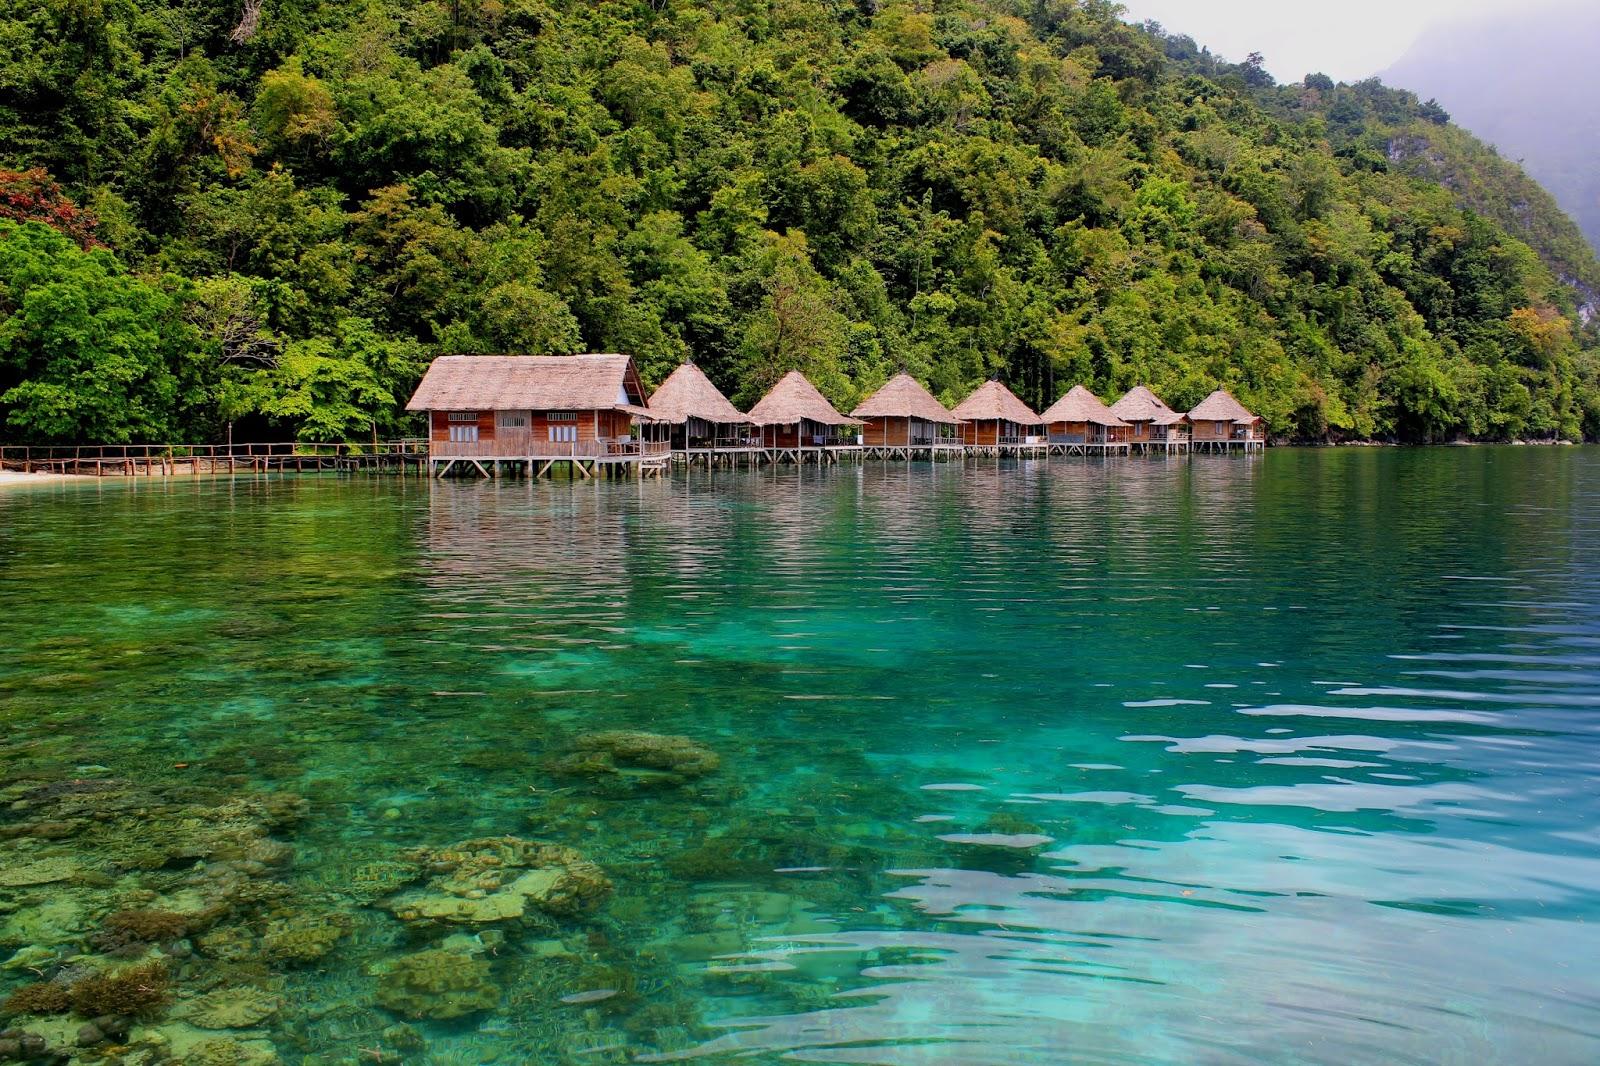 Wisata pulau terindah di indonesia - Pulau seram, maluku